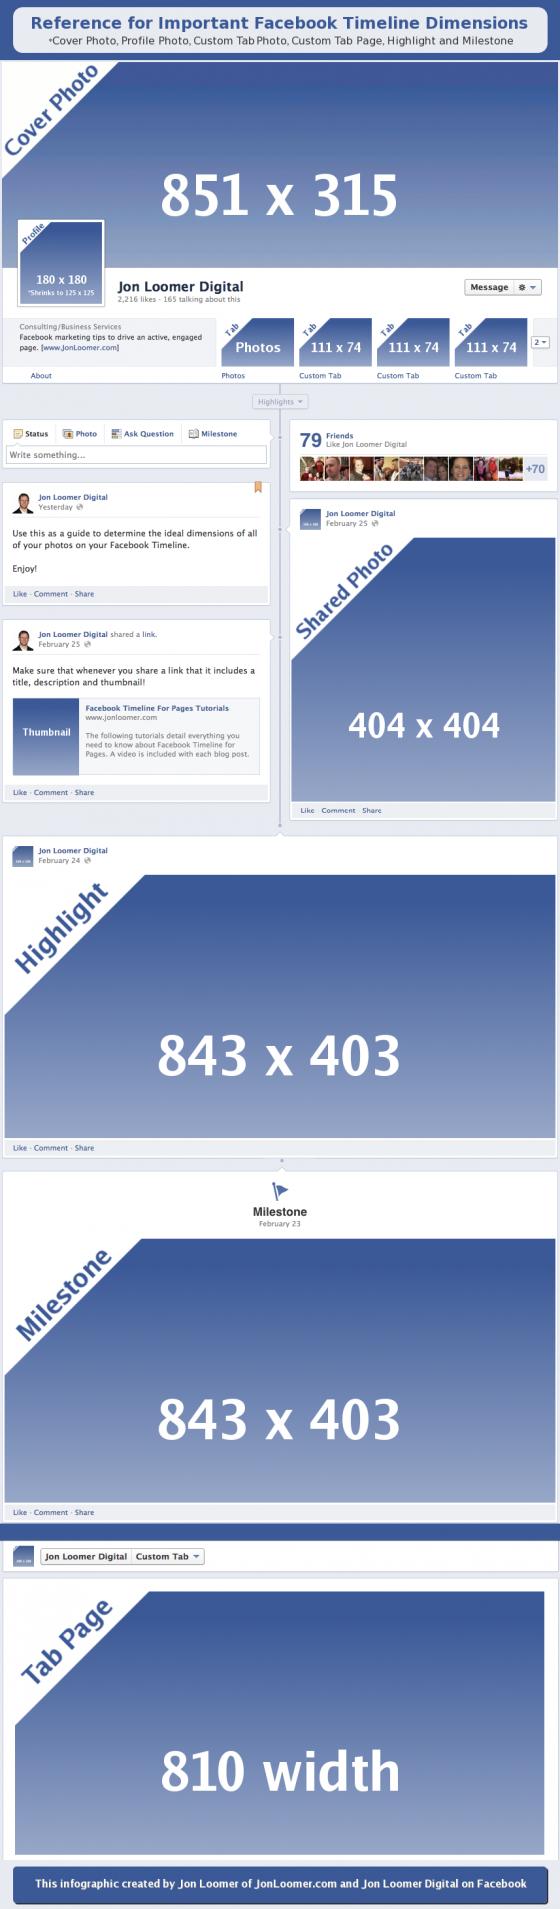 FacebookTimeline_Infographic